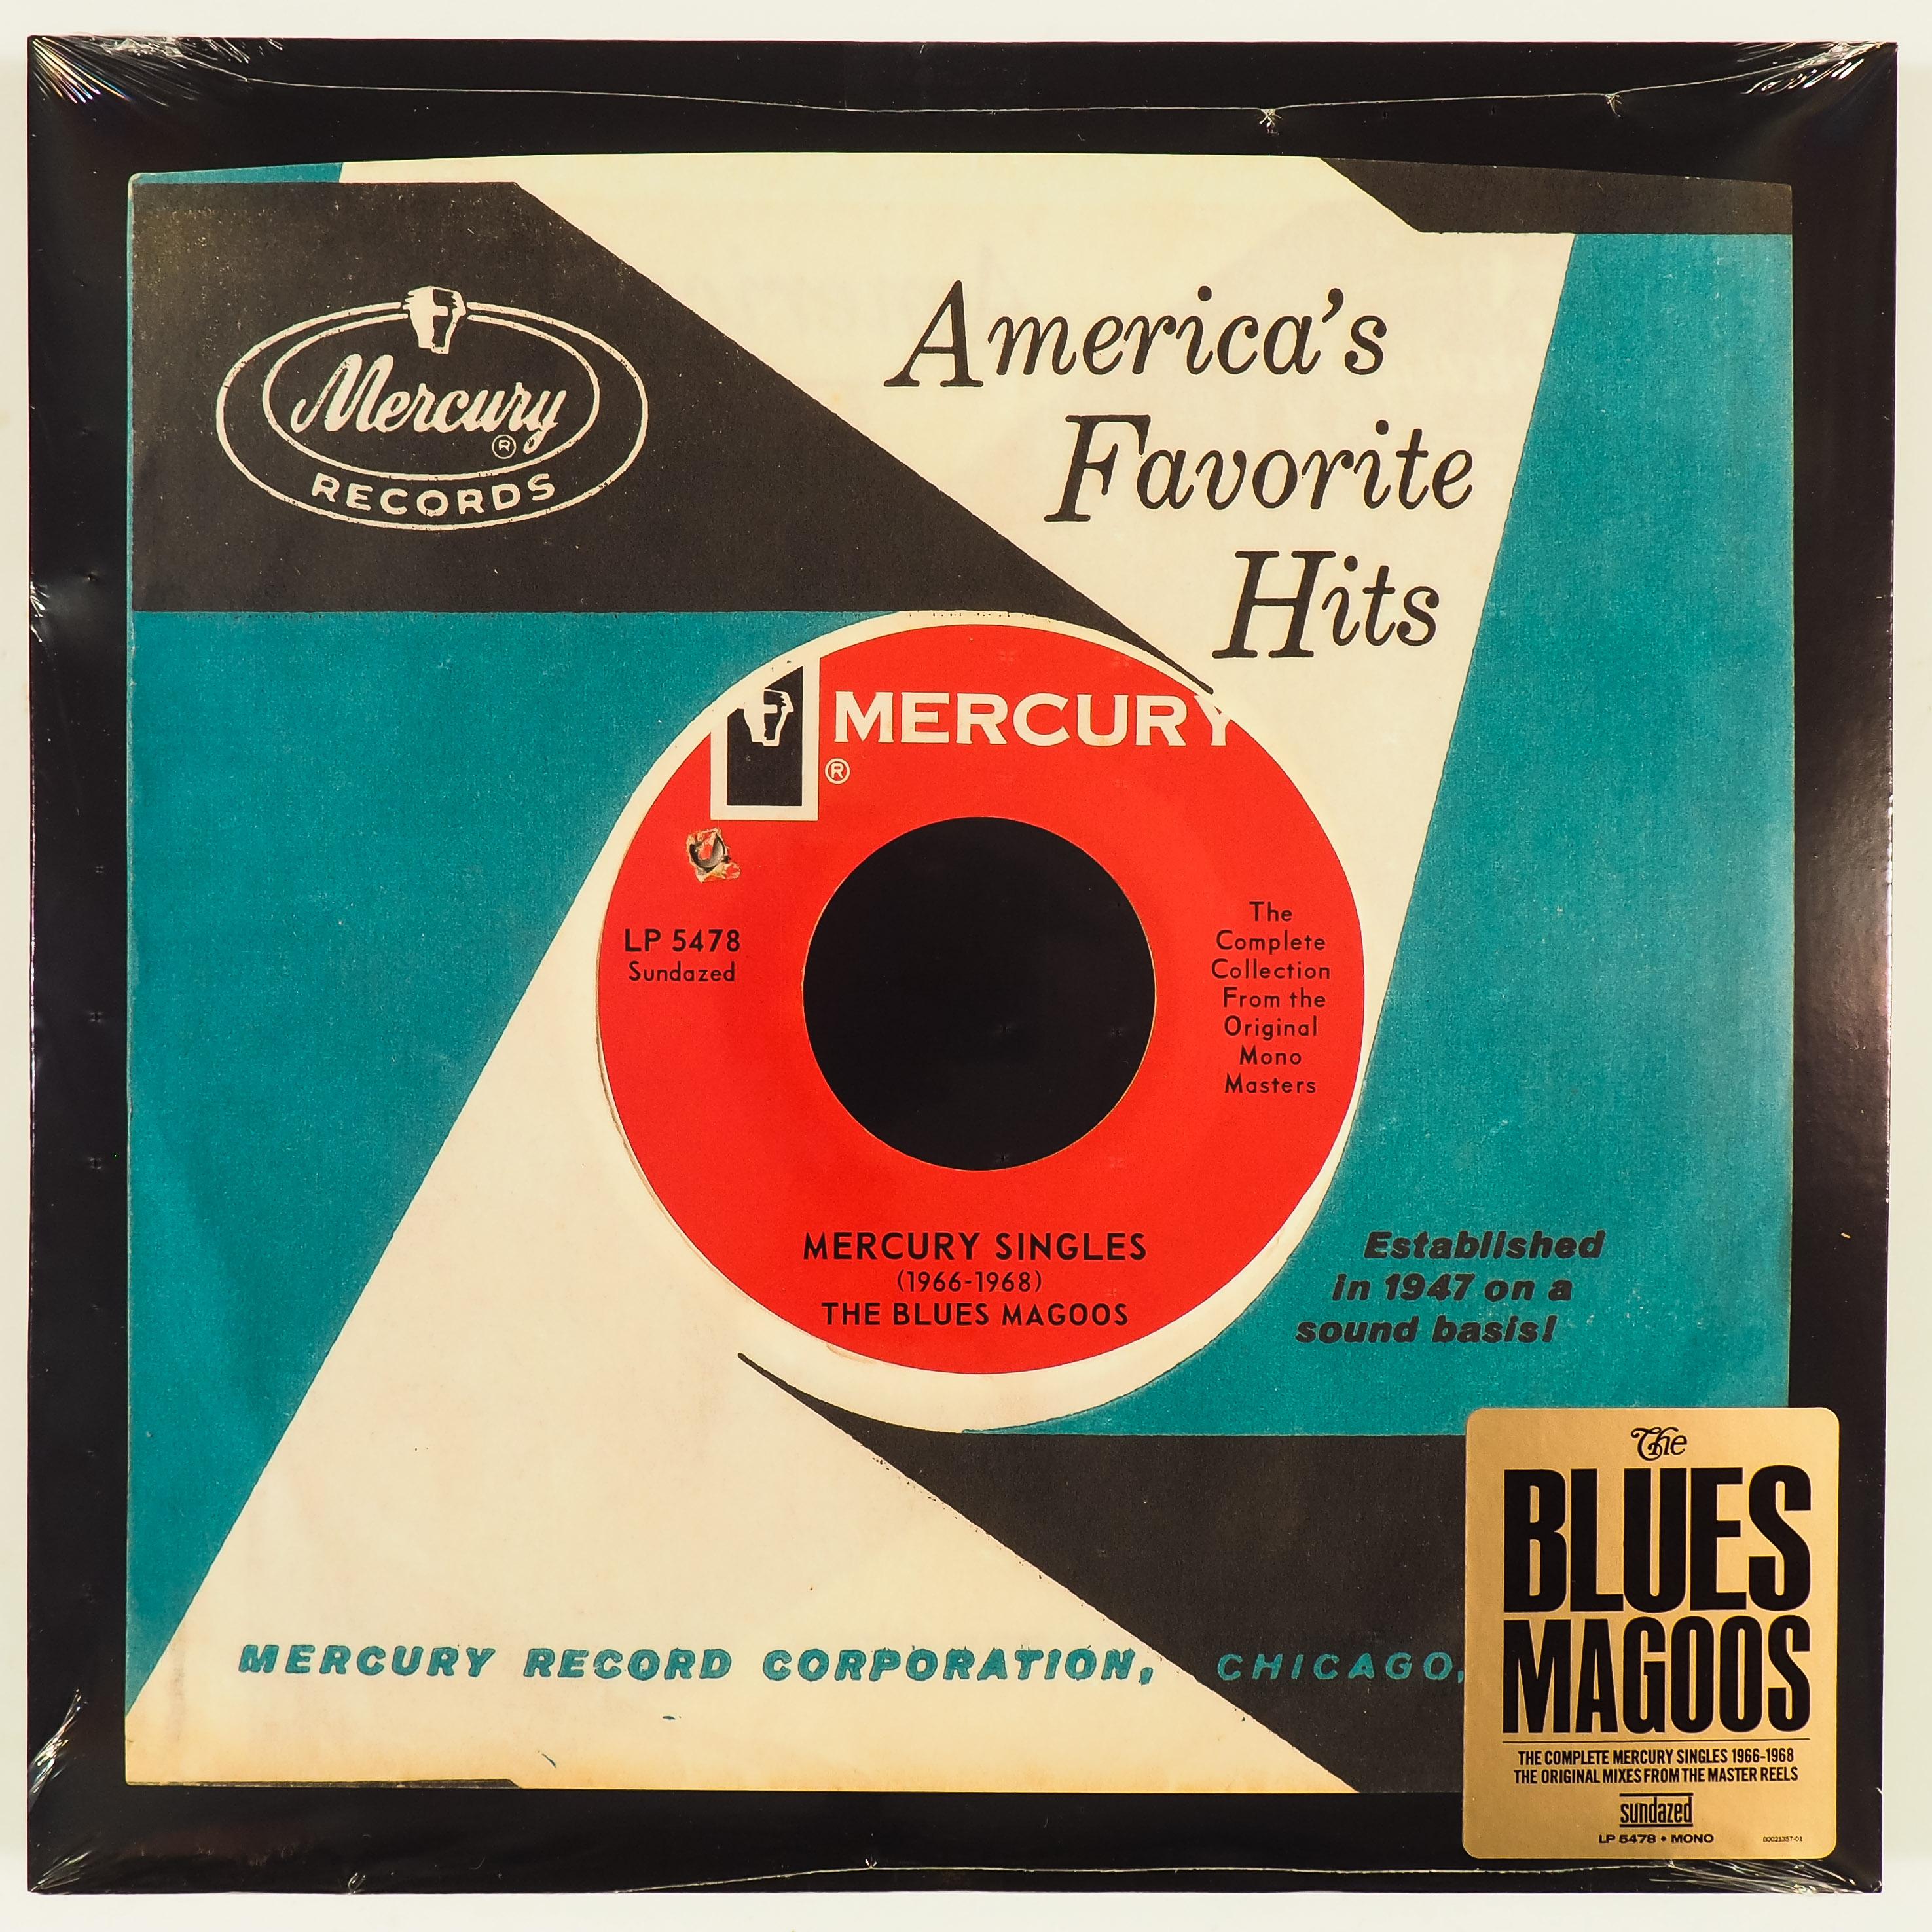 BLUES MAGOOS - MERCURY SINGLES (1966-1968) - 180-GRAM